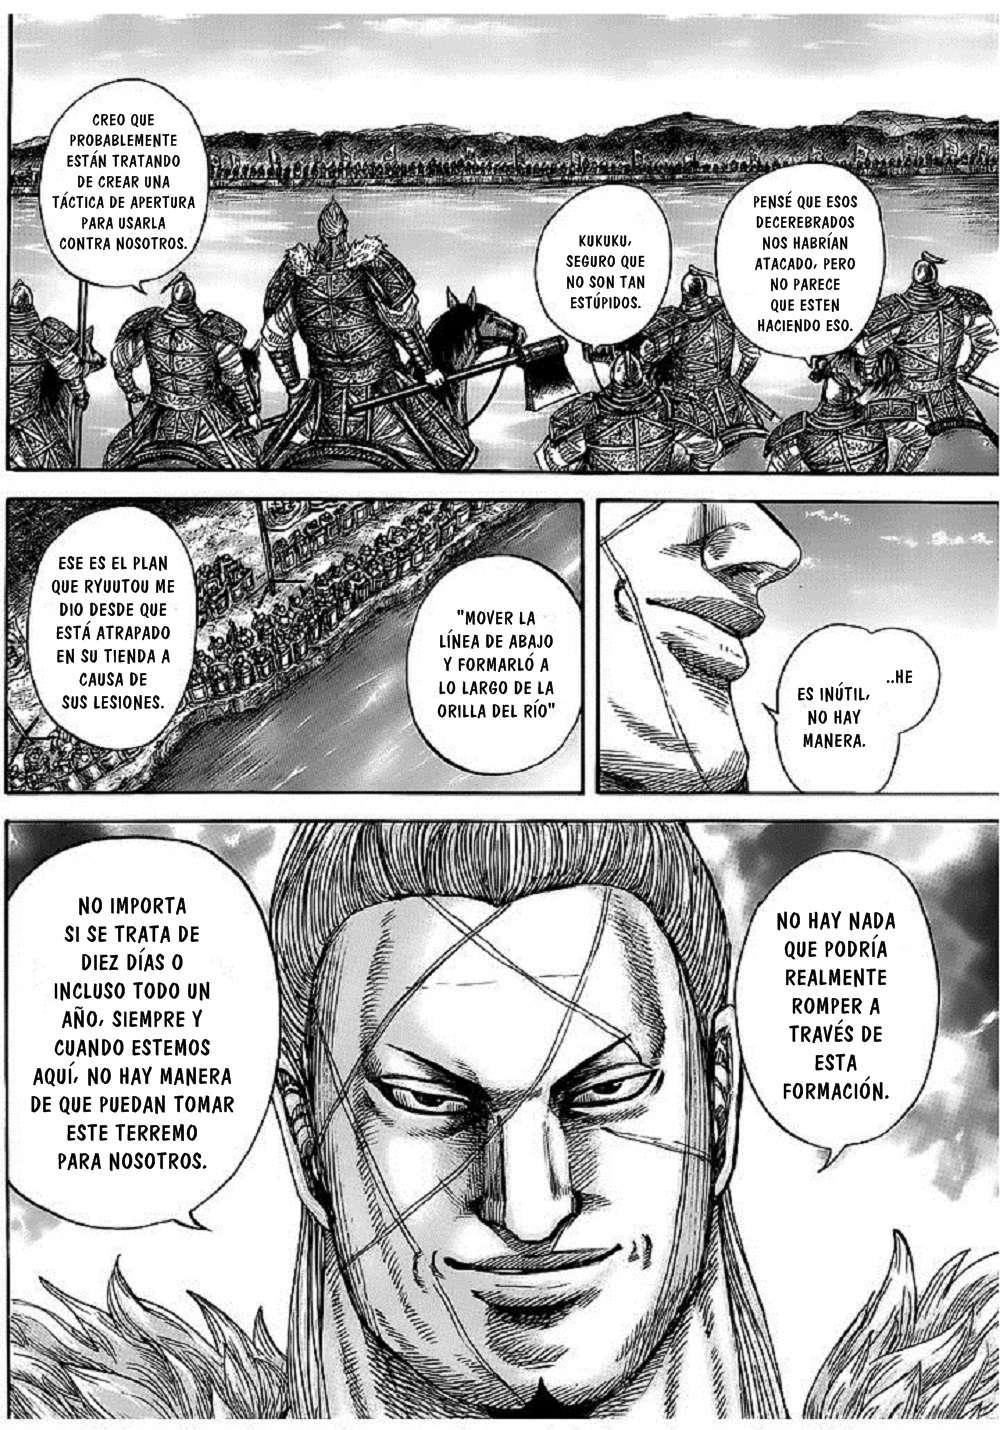 http://c5.ninemanga.com/es_manga/19/12307/431197/03eab95d17f4d717cc3d4803de055e02.jpg Page 9